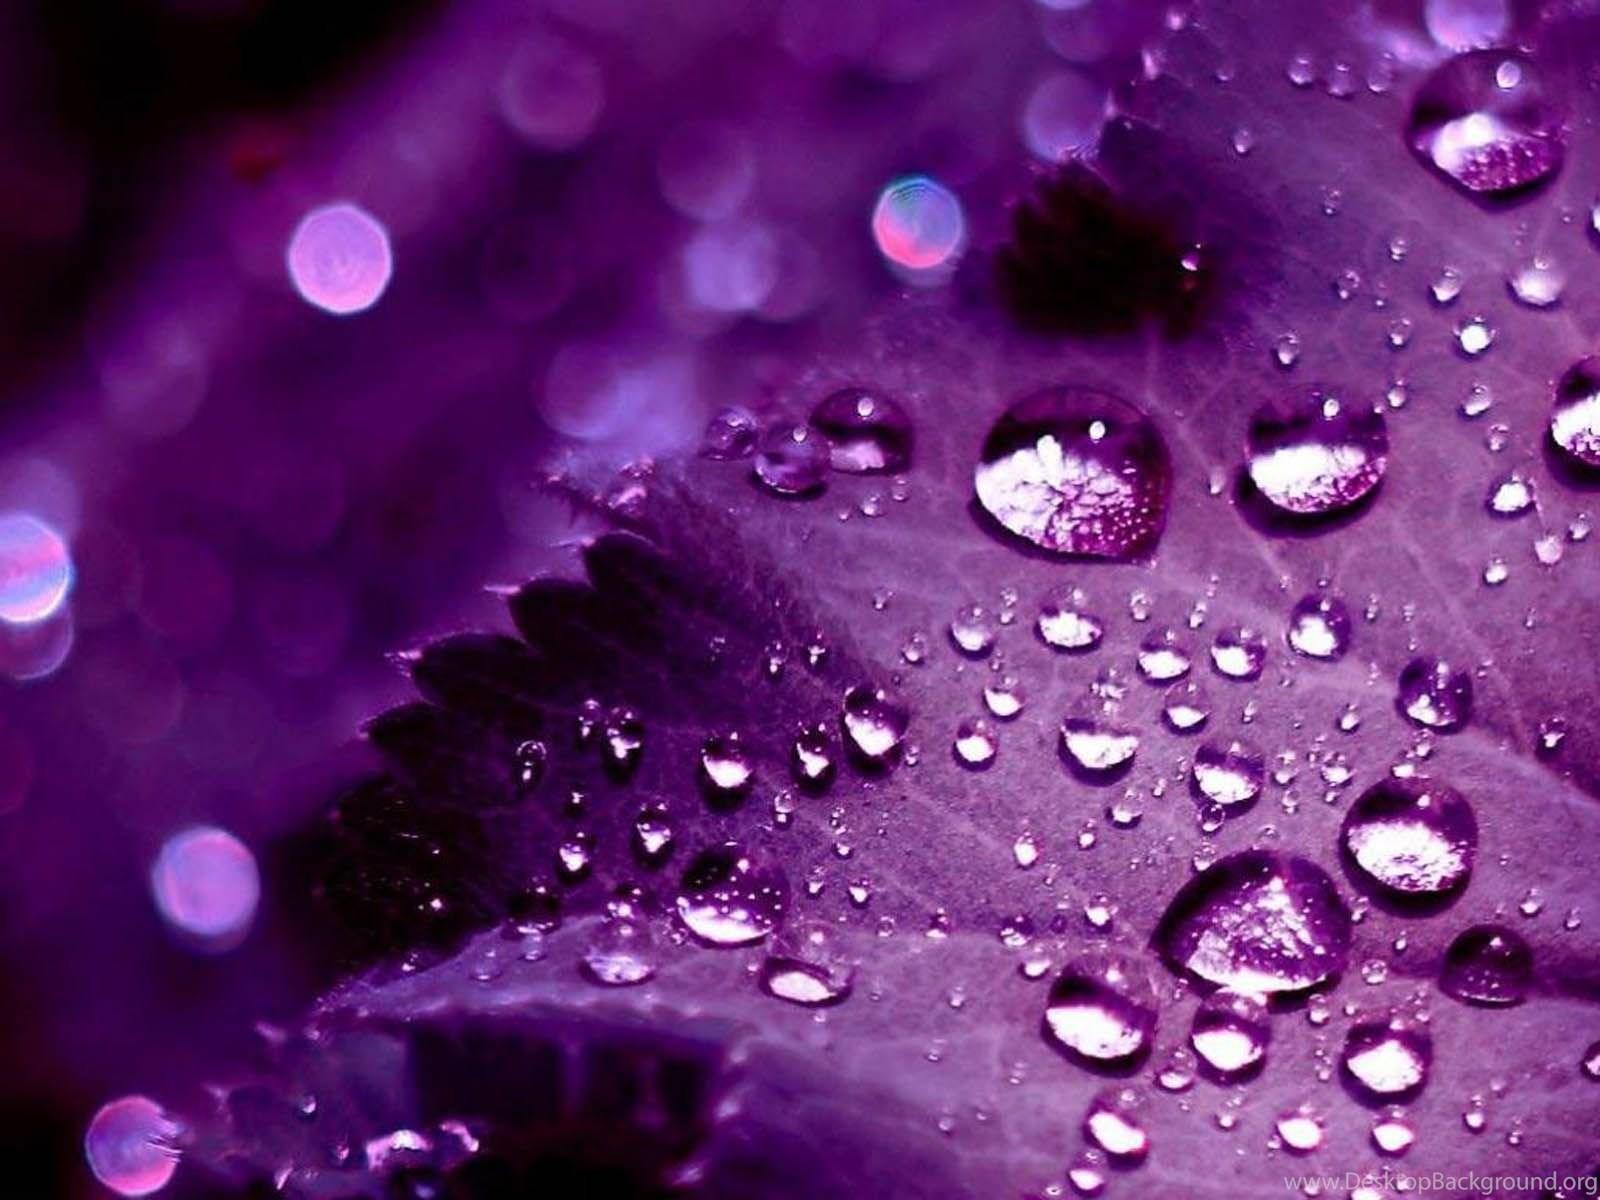 Картинки в фиолетовых тонах на заставку